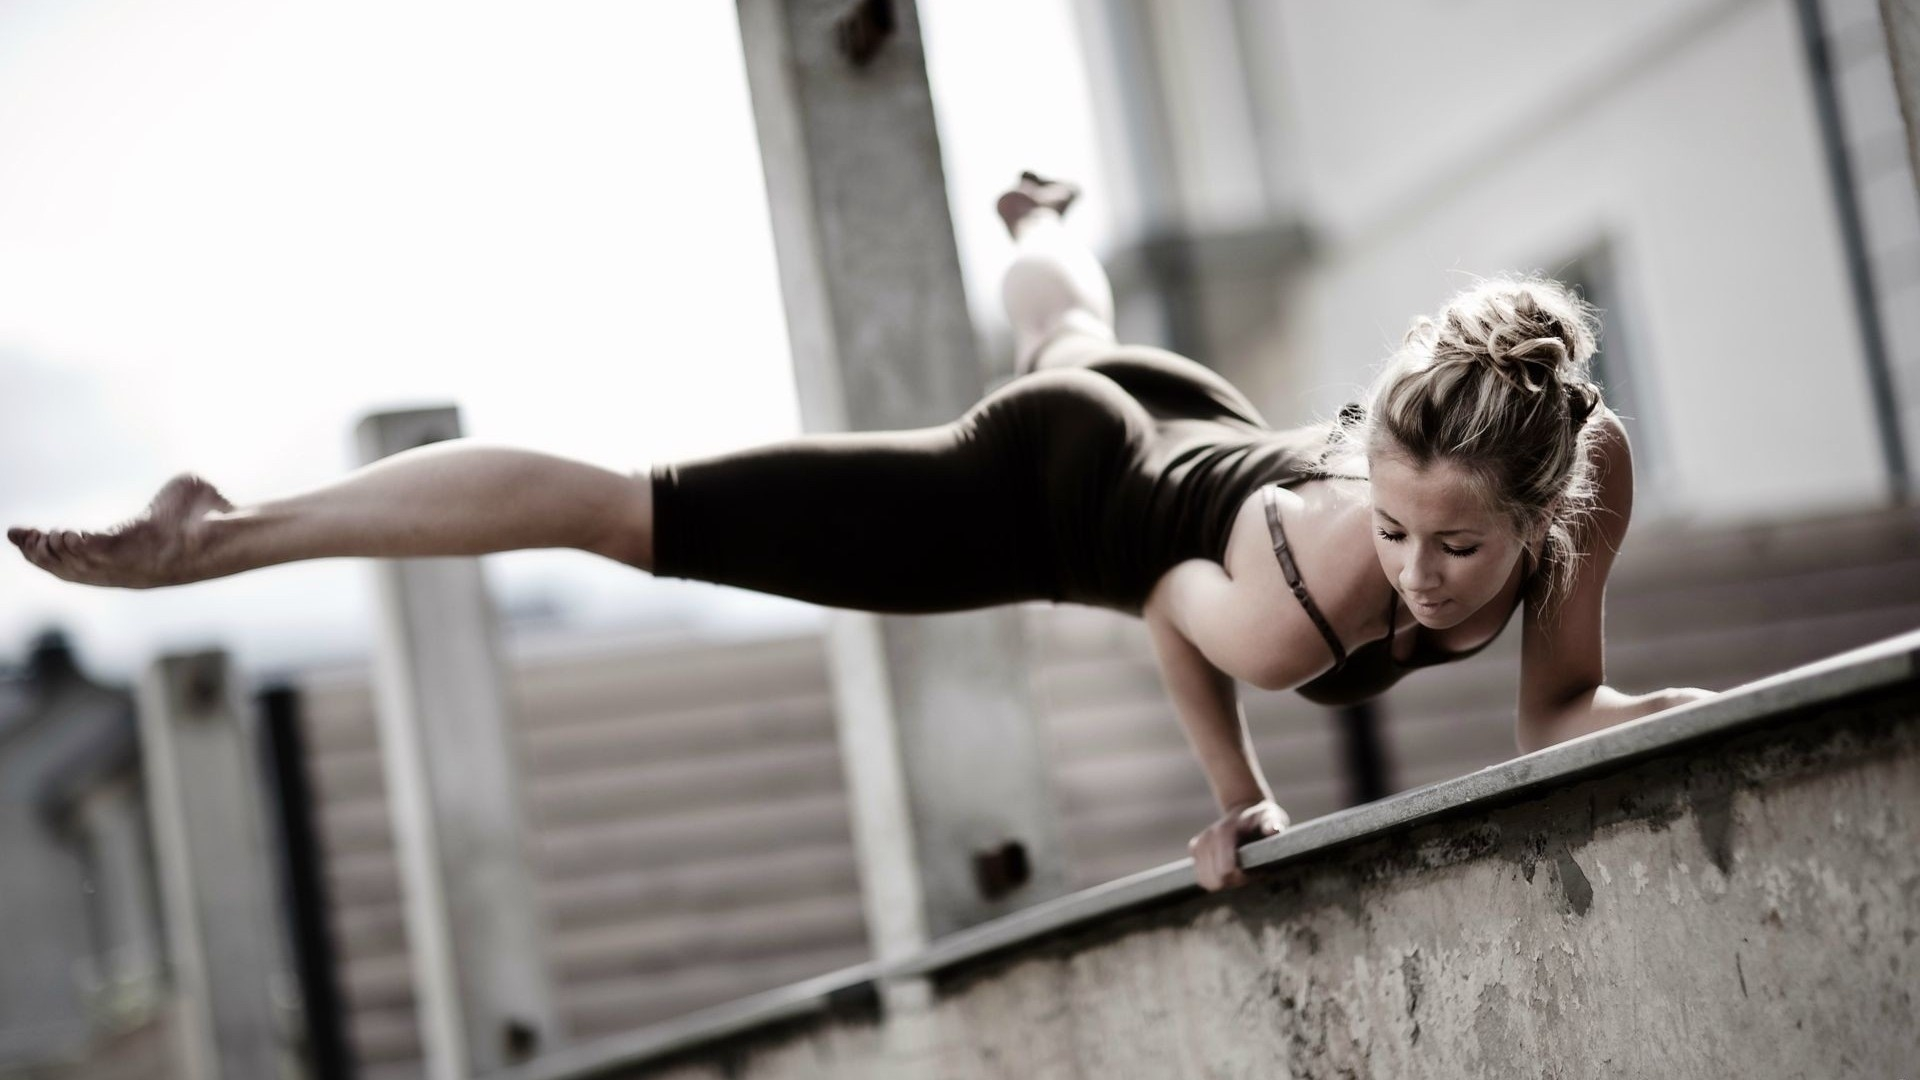 Супер красивая девочка спортсменка дала в жопу 10 фотография